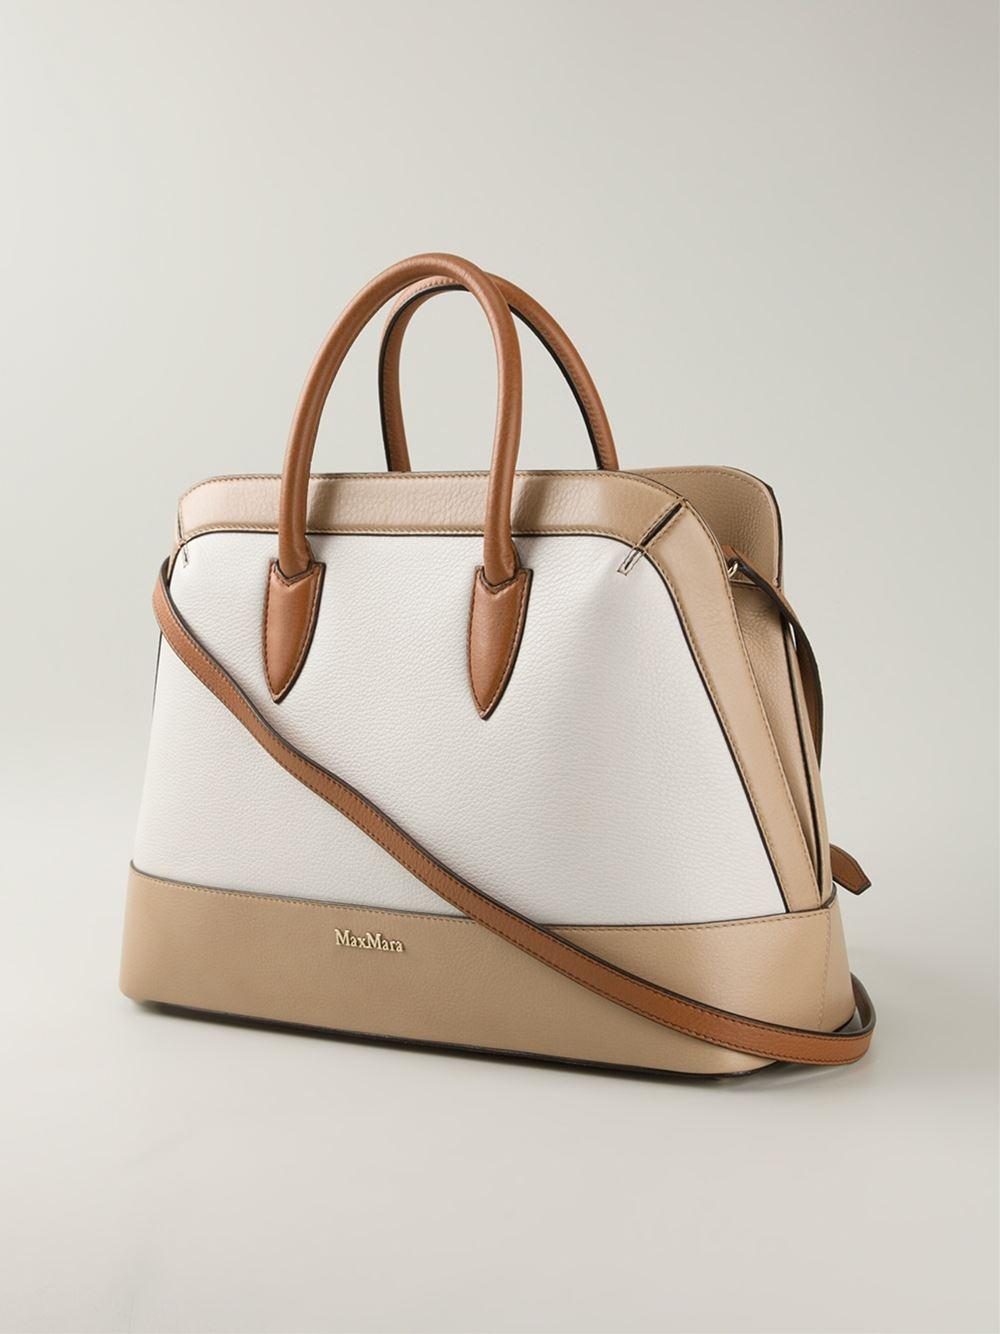 Lyst Max Mara Contrasting Panels Tote Bag In Brown